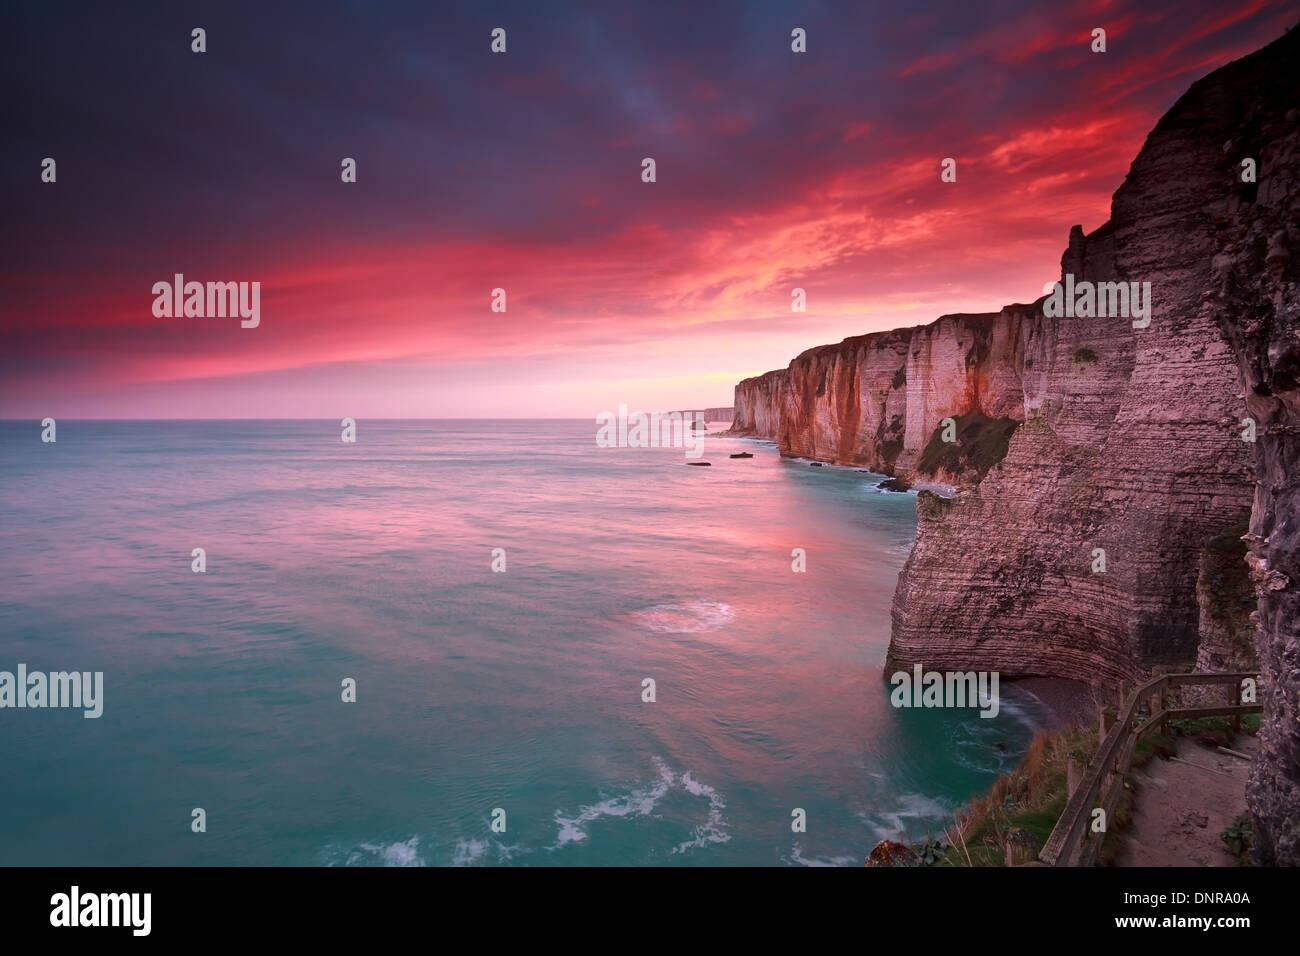 dramatische Sonnenaufgang über dem Meer und Klippen, Etretat, Frankreich Stockbild